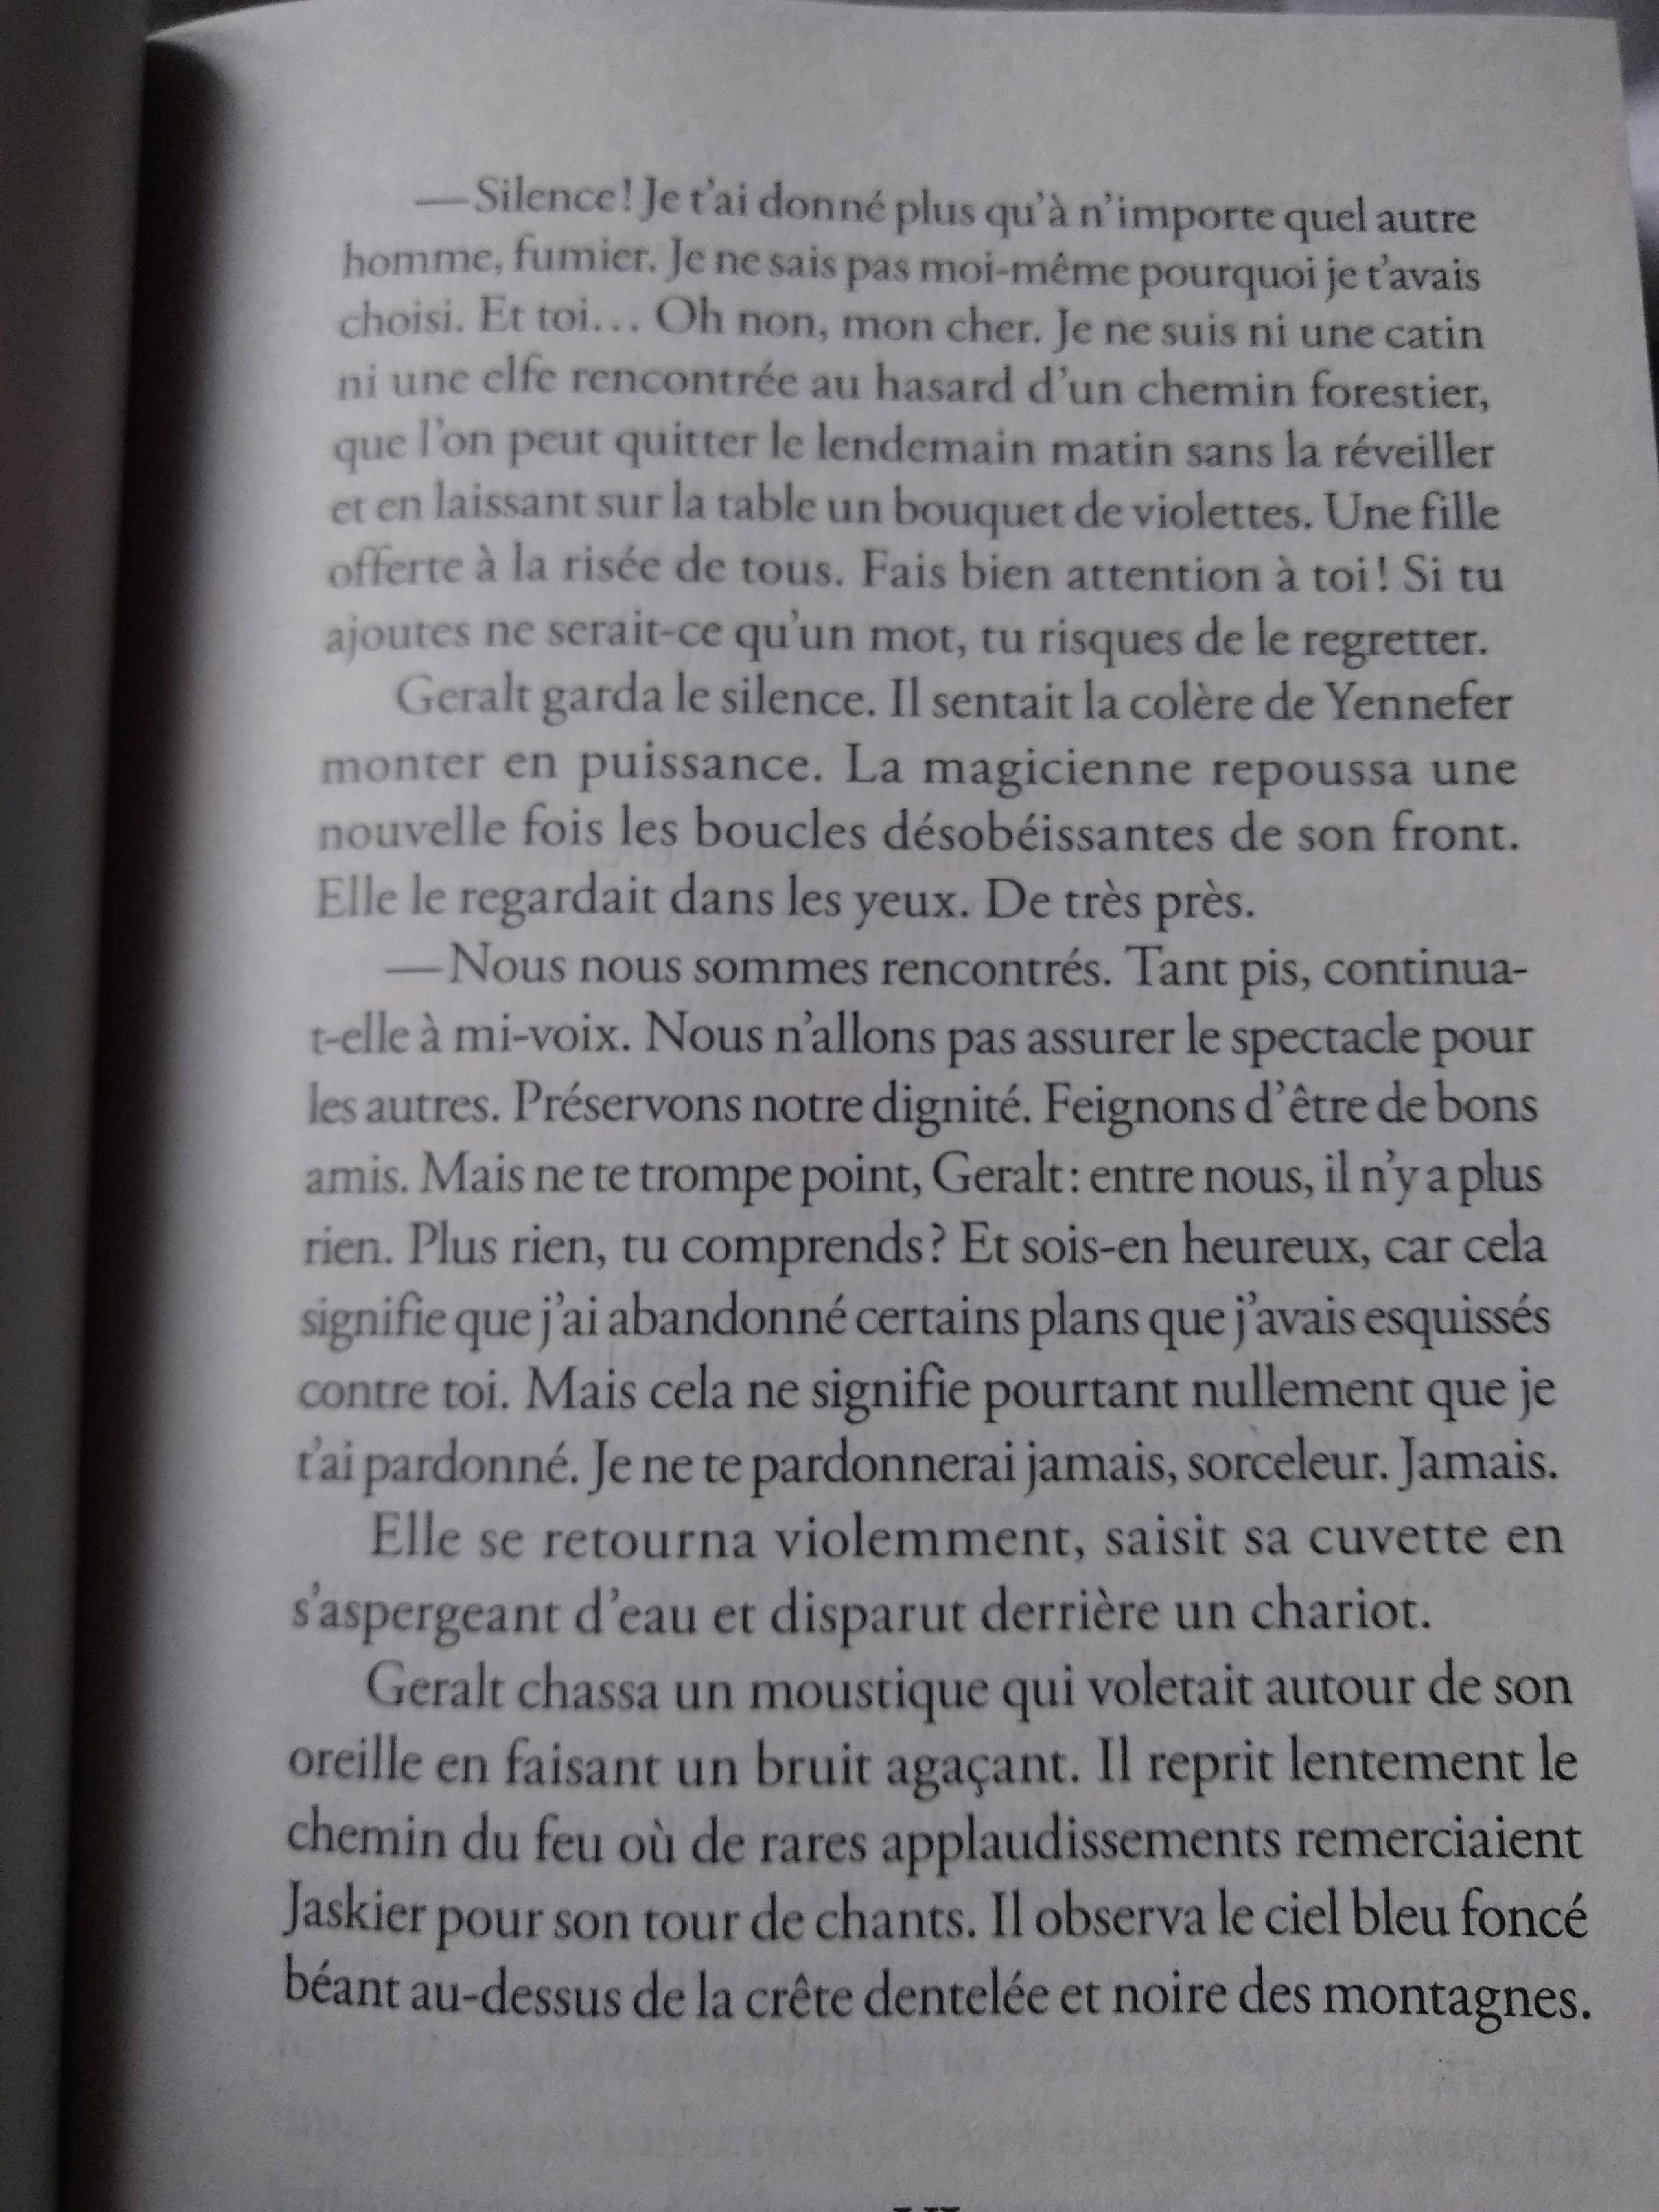 [ LITTÉRATURE ] Vos plus beaux extraits littéraires. - Page 4 Img_2014